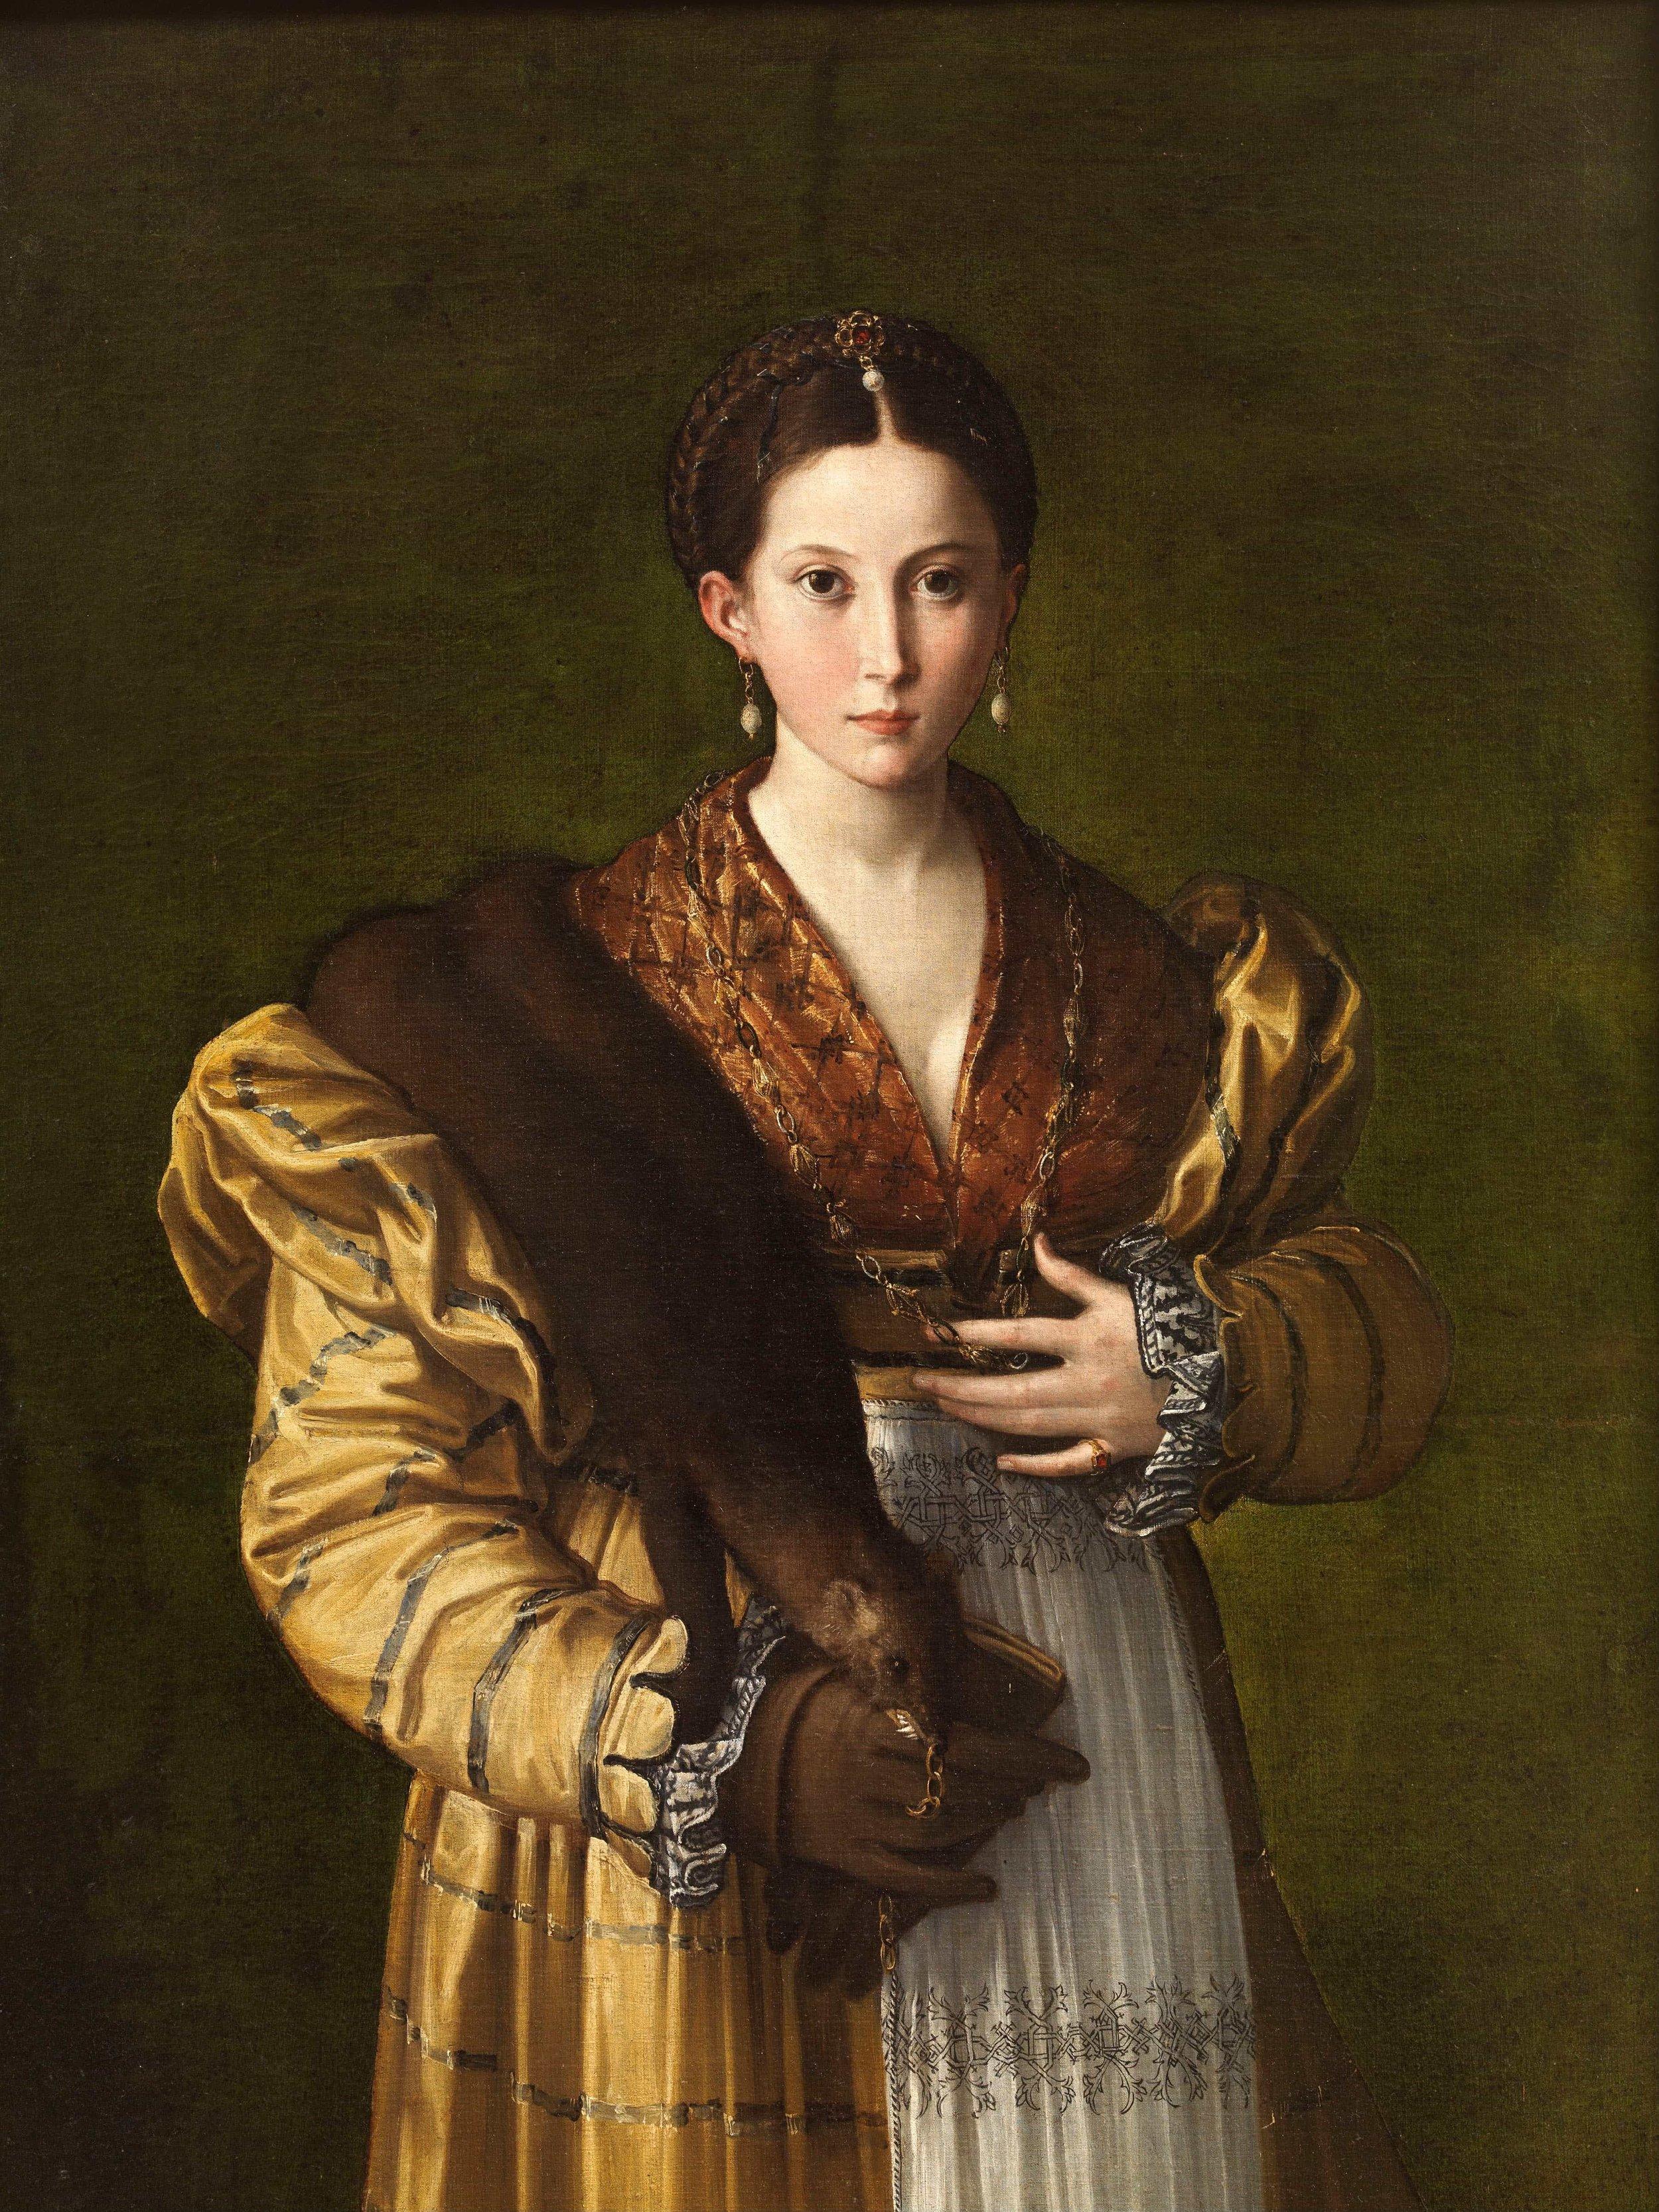 Parmigianino, Antea (c. 1530-35)